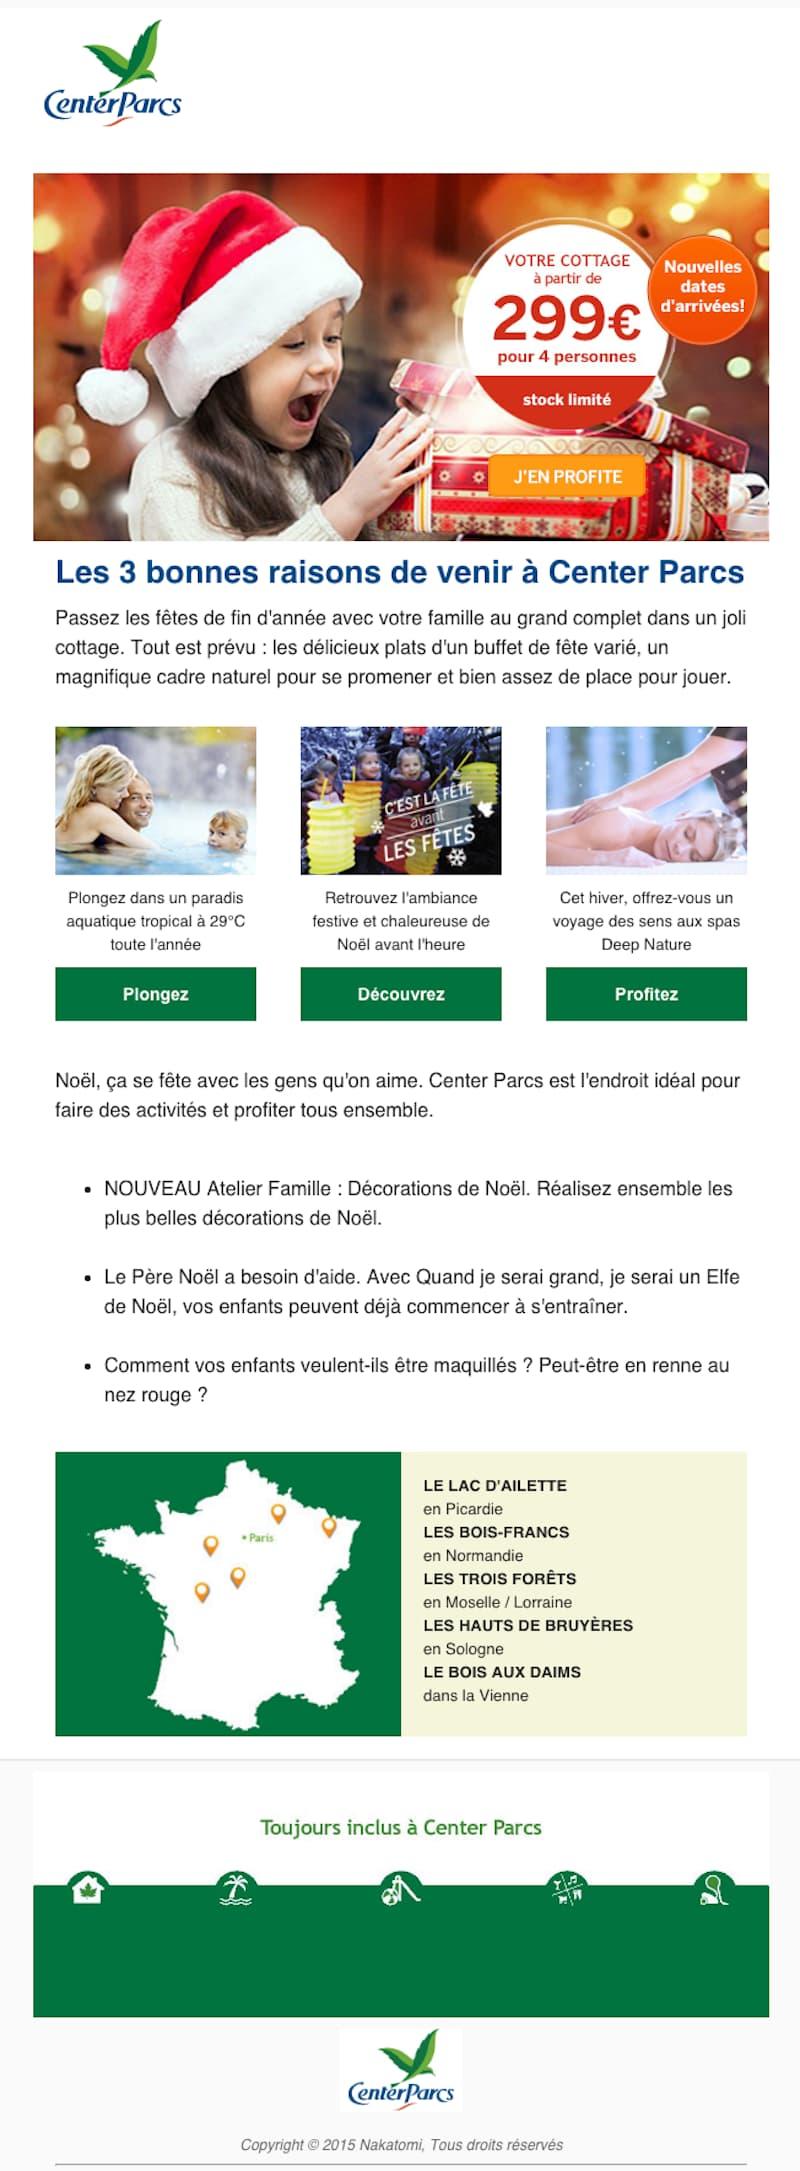 Exemple de newsletter pour une agence de voyage